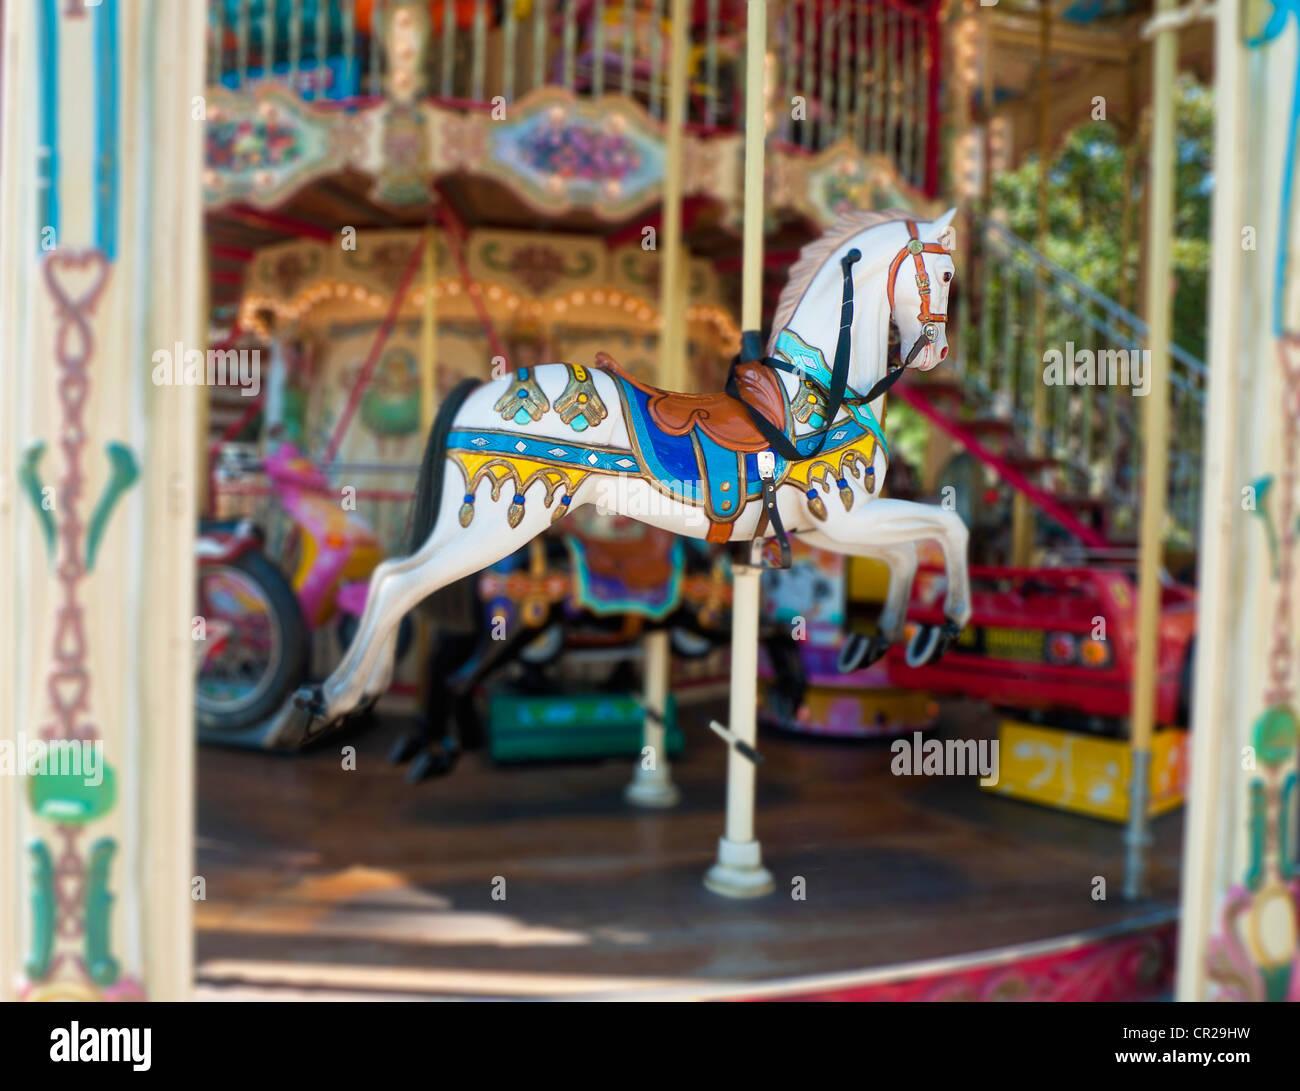 Carrusel de caballos ride Imagen De Stock